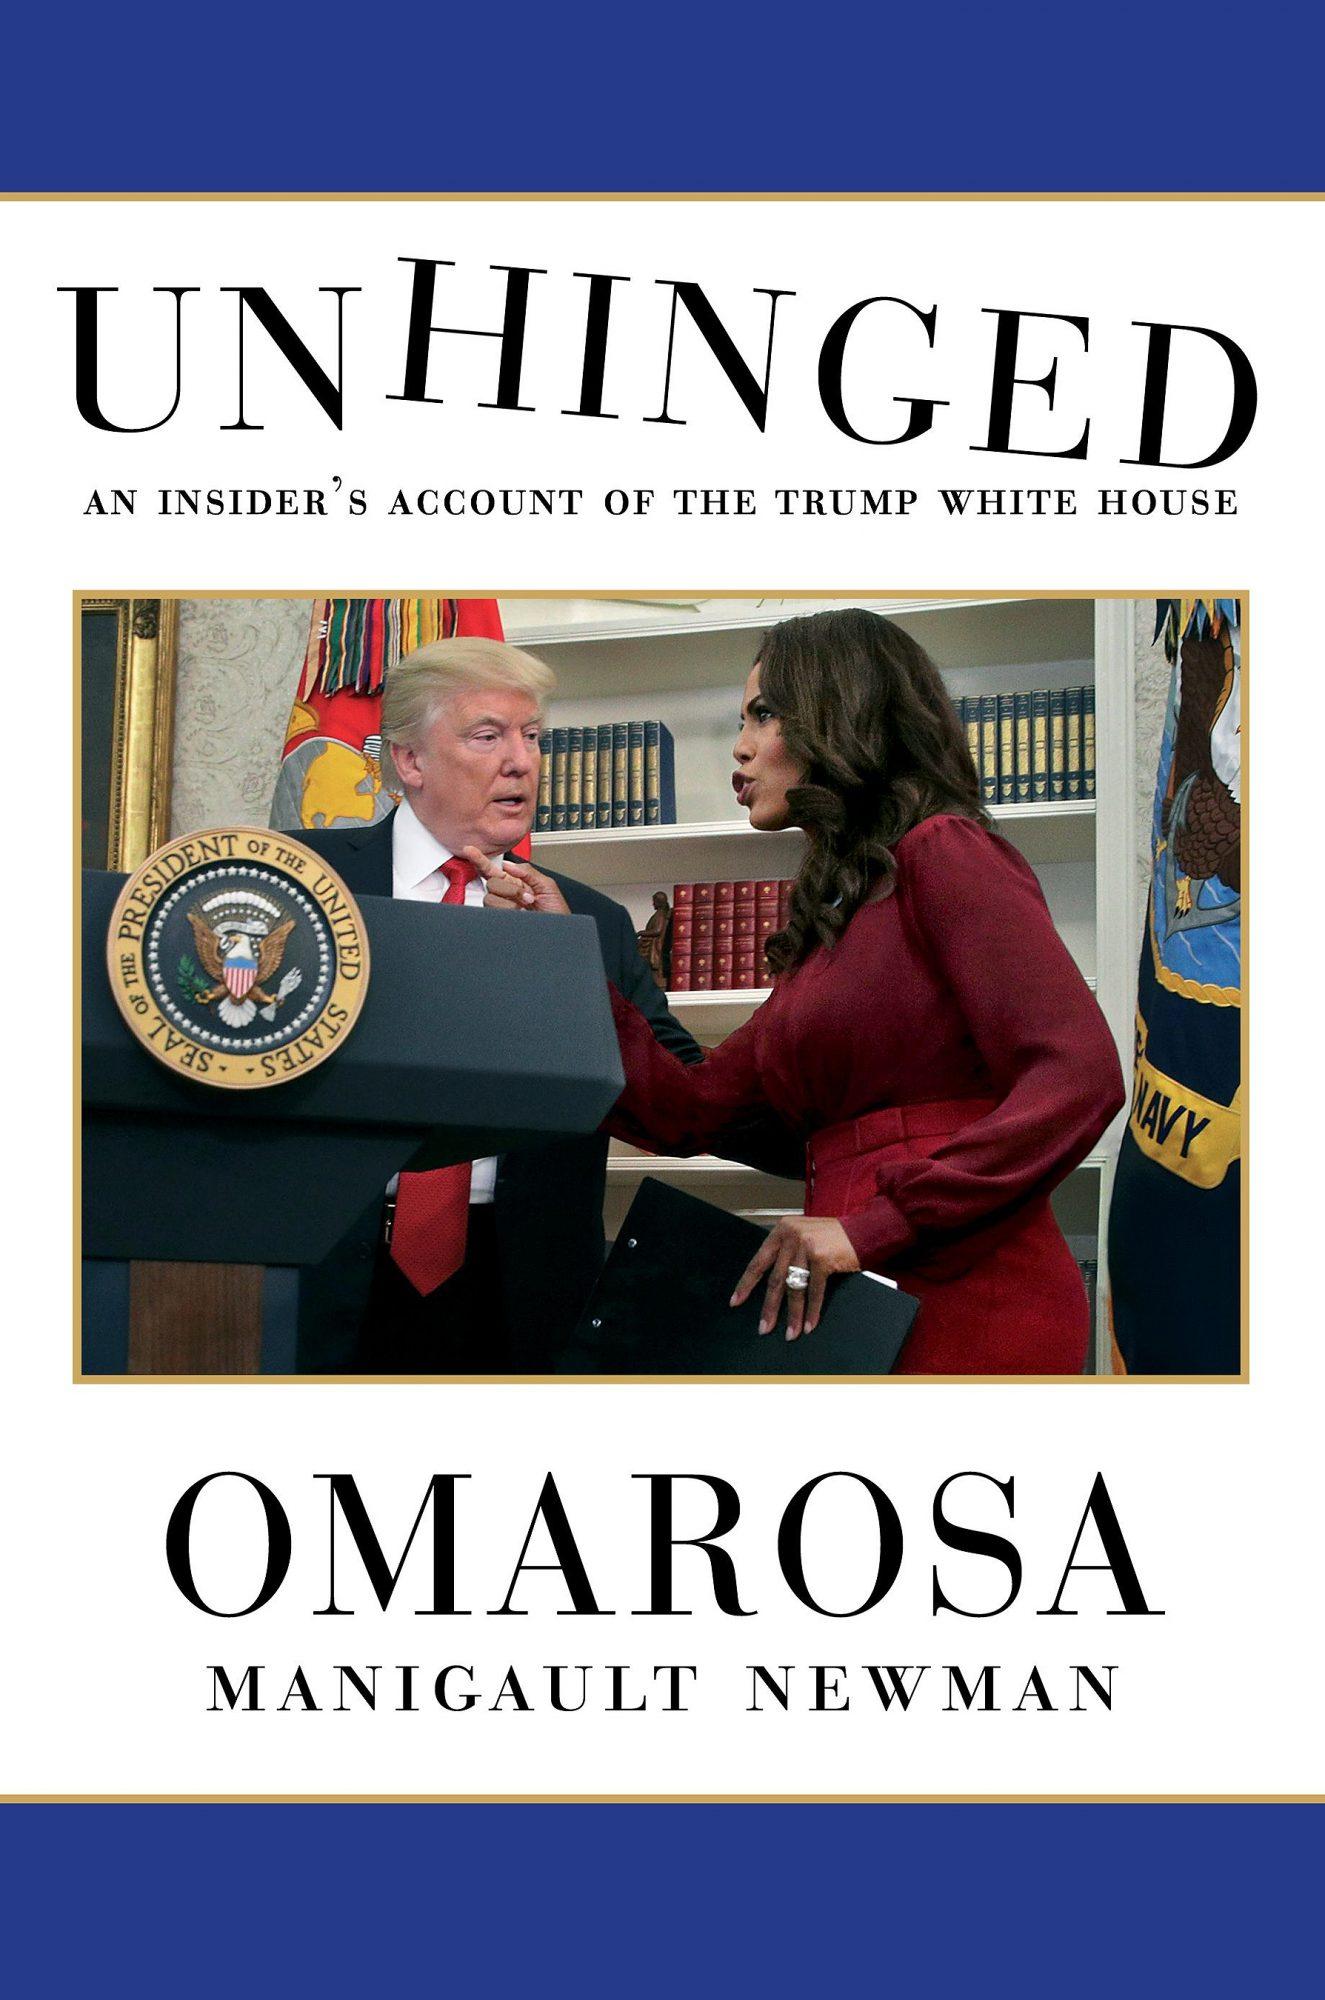 Unhinged book Omarosa